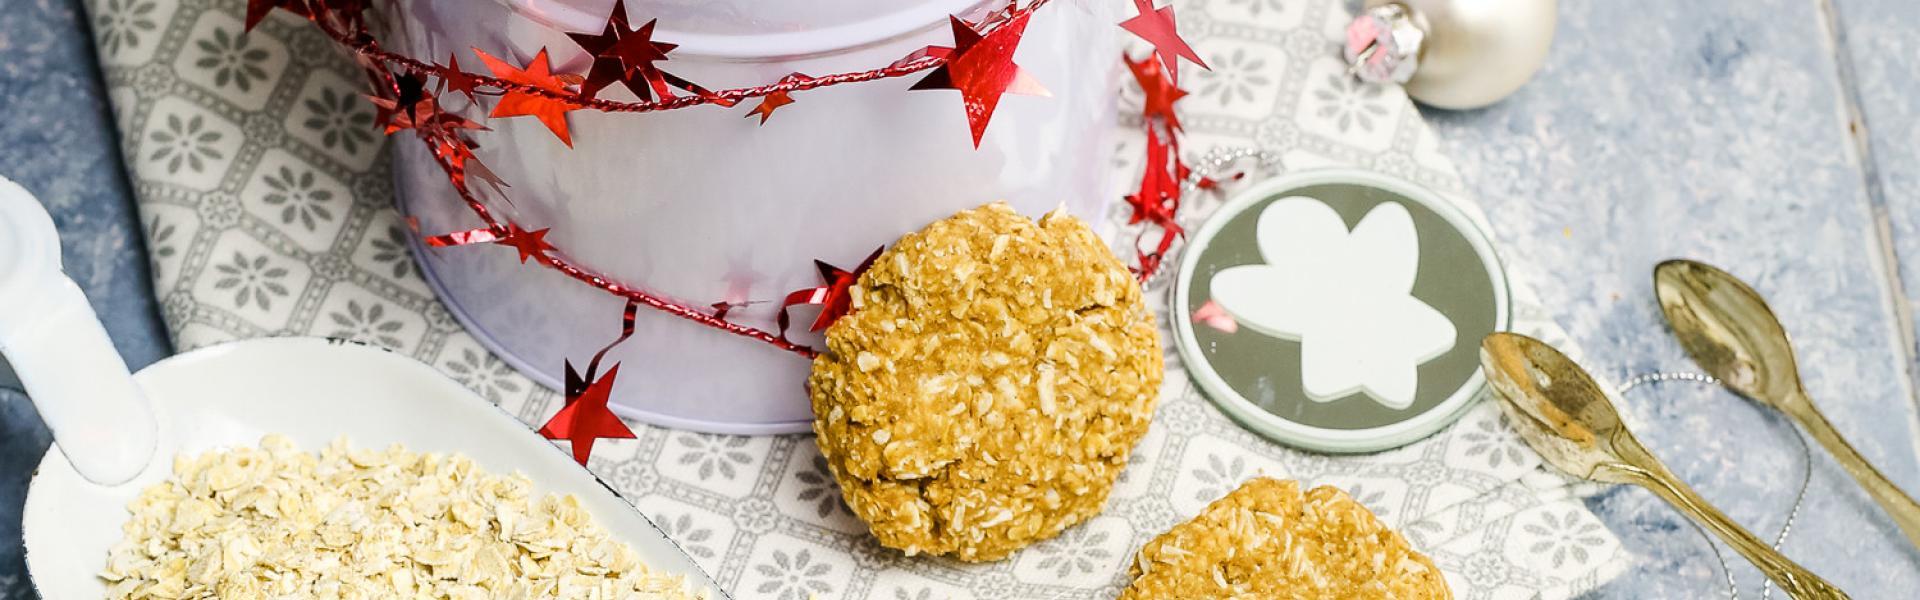 Low Carb Haferflockenkekse liegen offen in einer Weihnachtskeksdose.